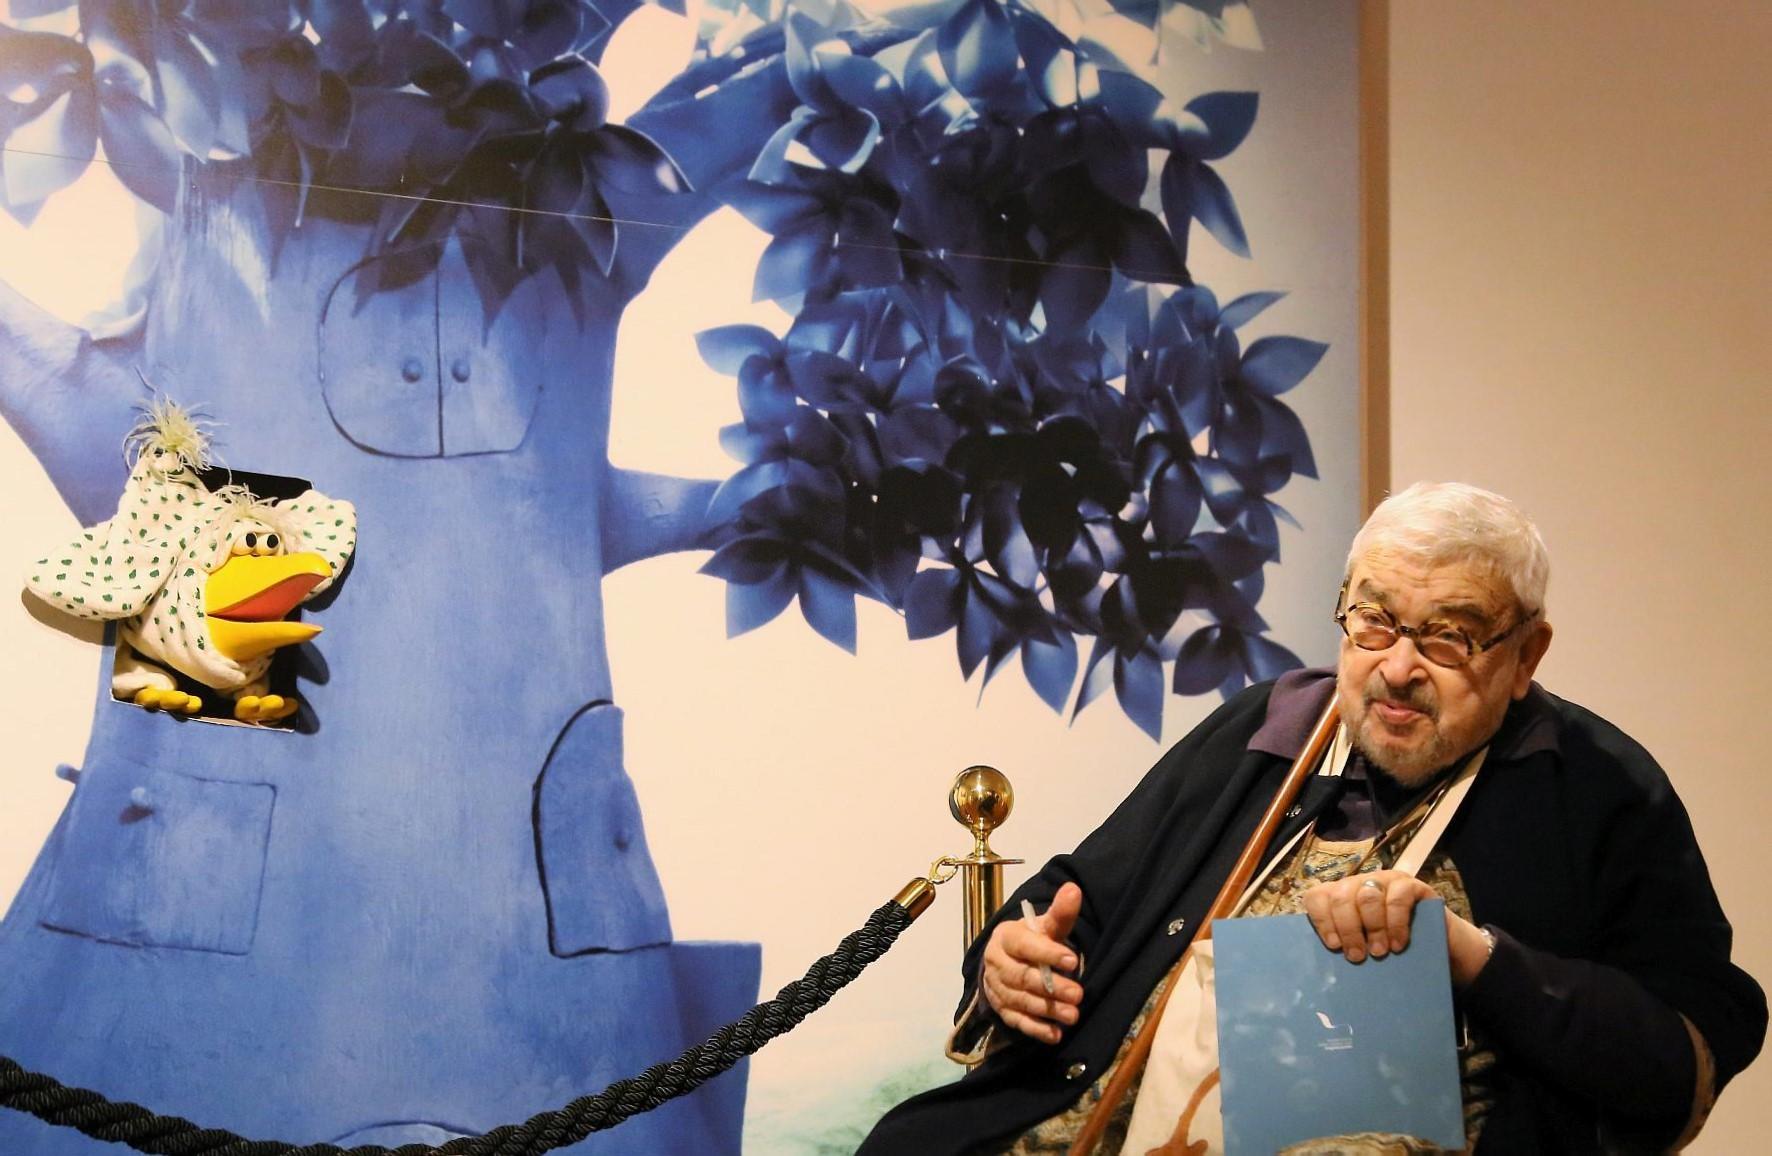 Addio a Tinin Mantegazza, grande illustratore e scenografo, padre di Dodò e del cabaret milanese